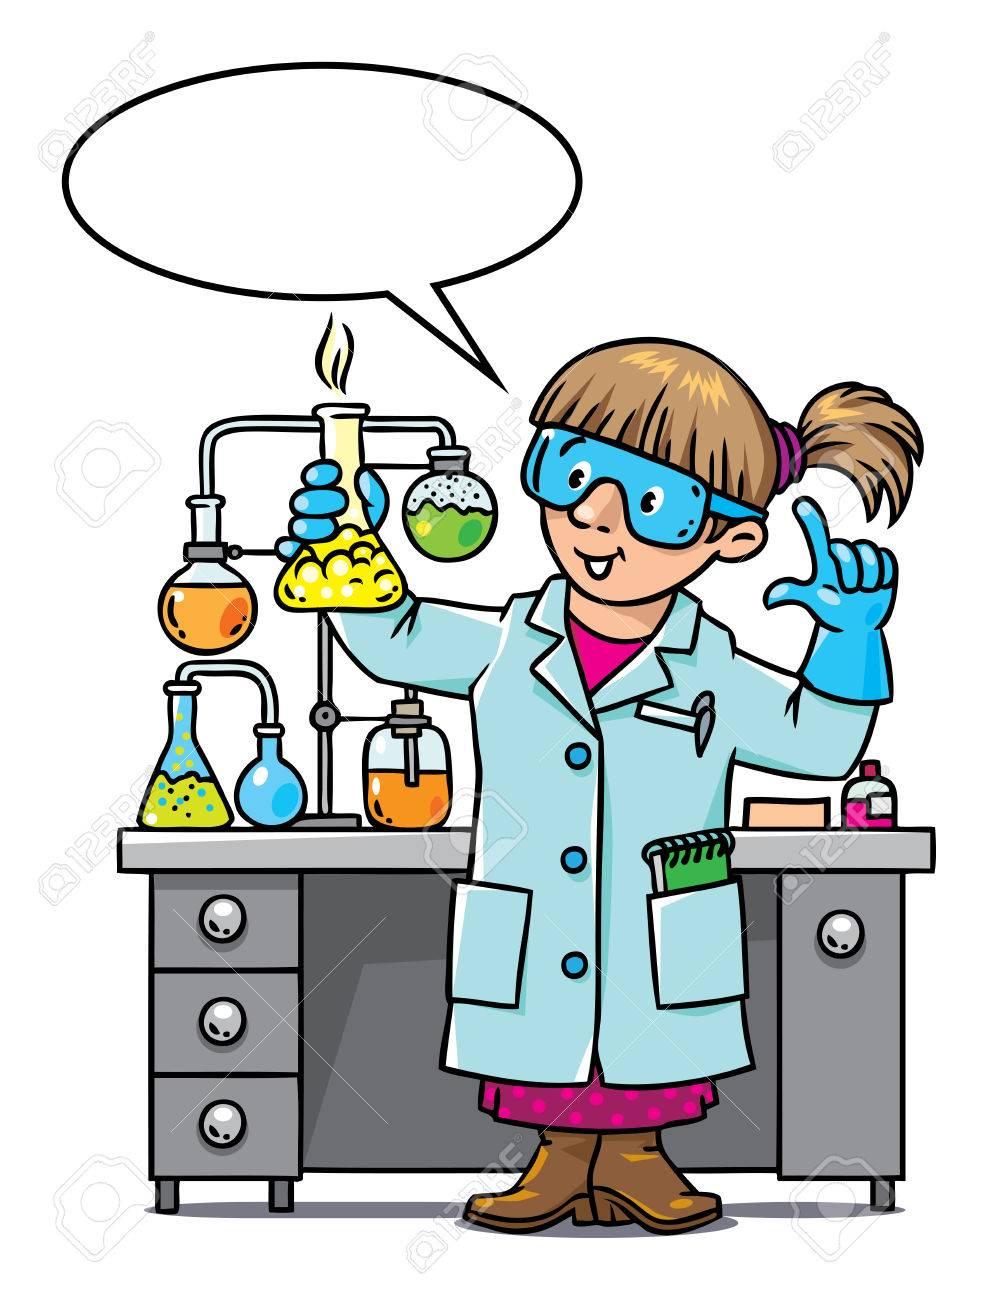 子供はベクトル面白い化学者や科学者のイラストですメガネの女性は白衣